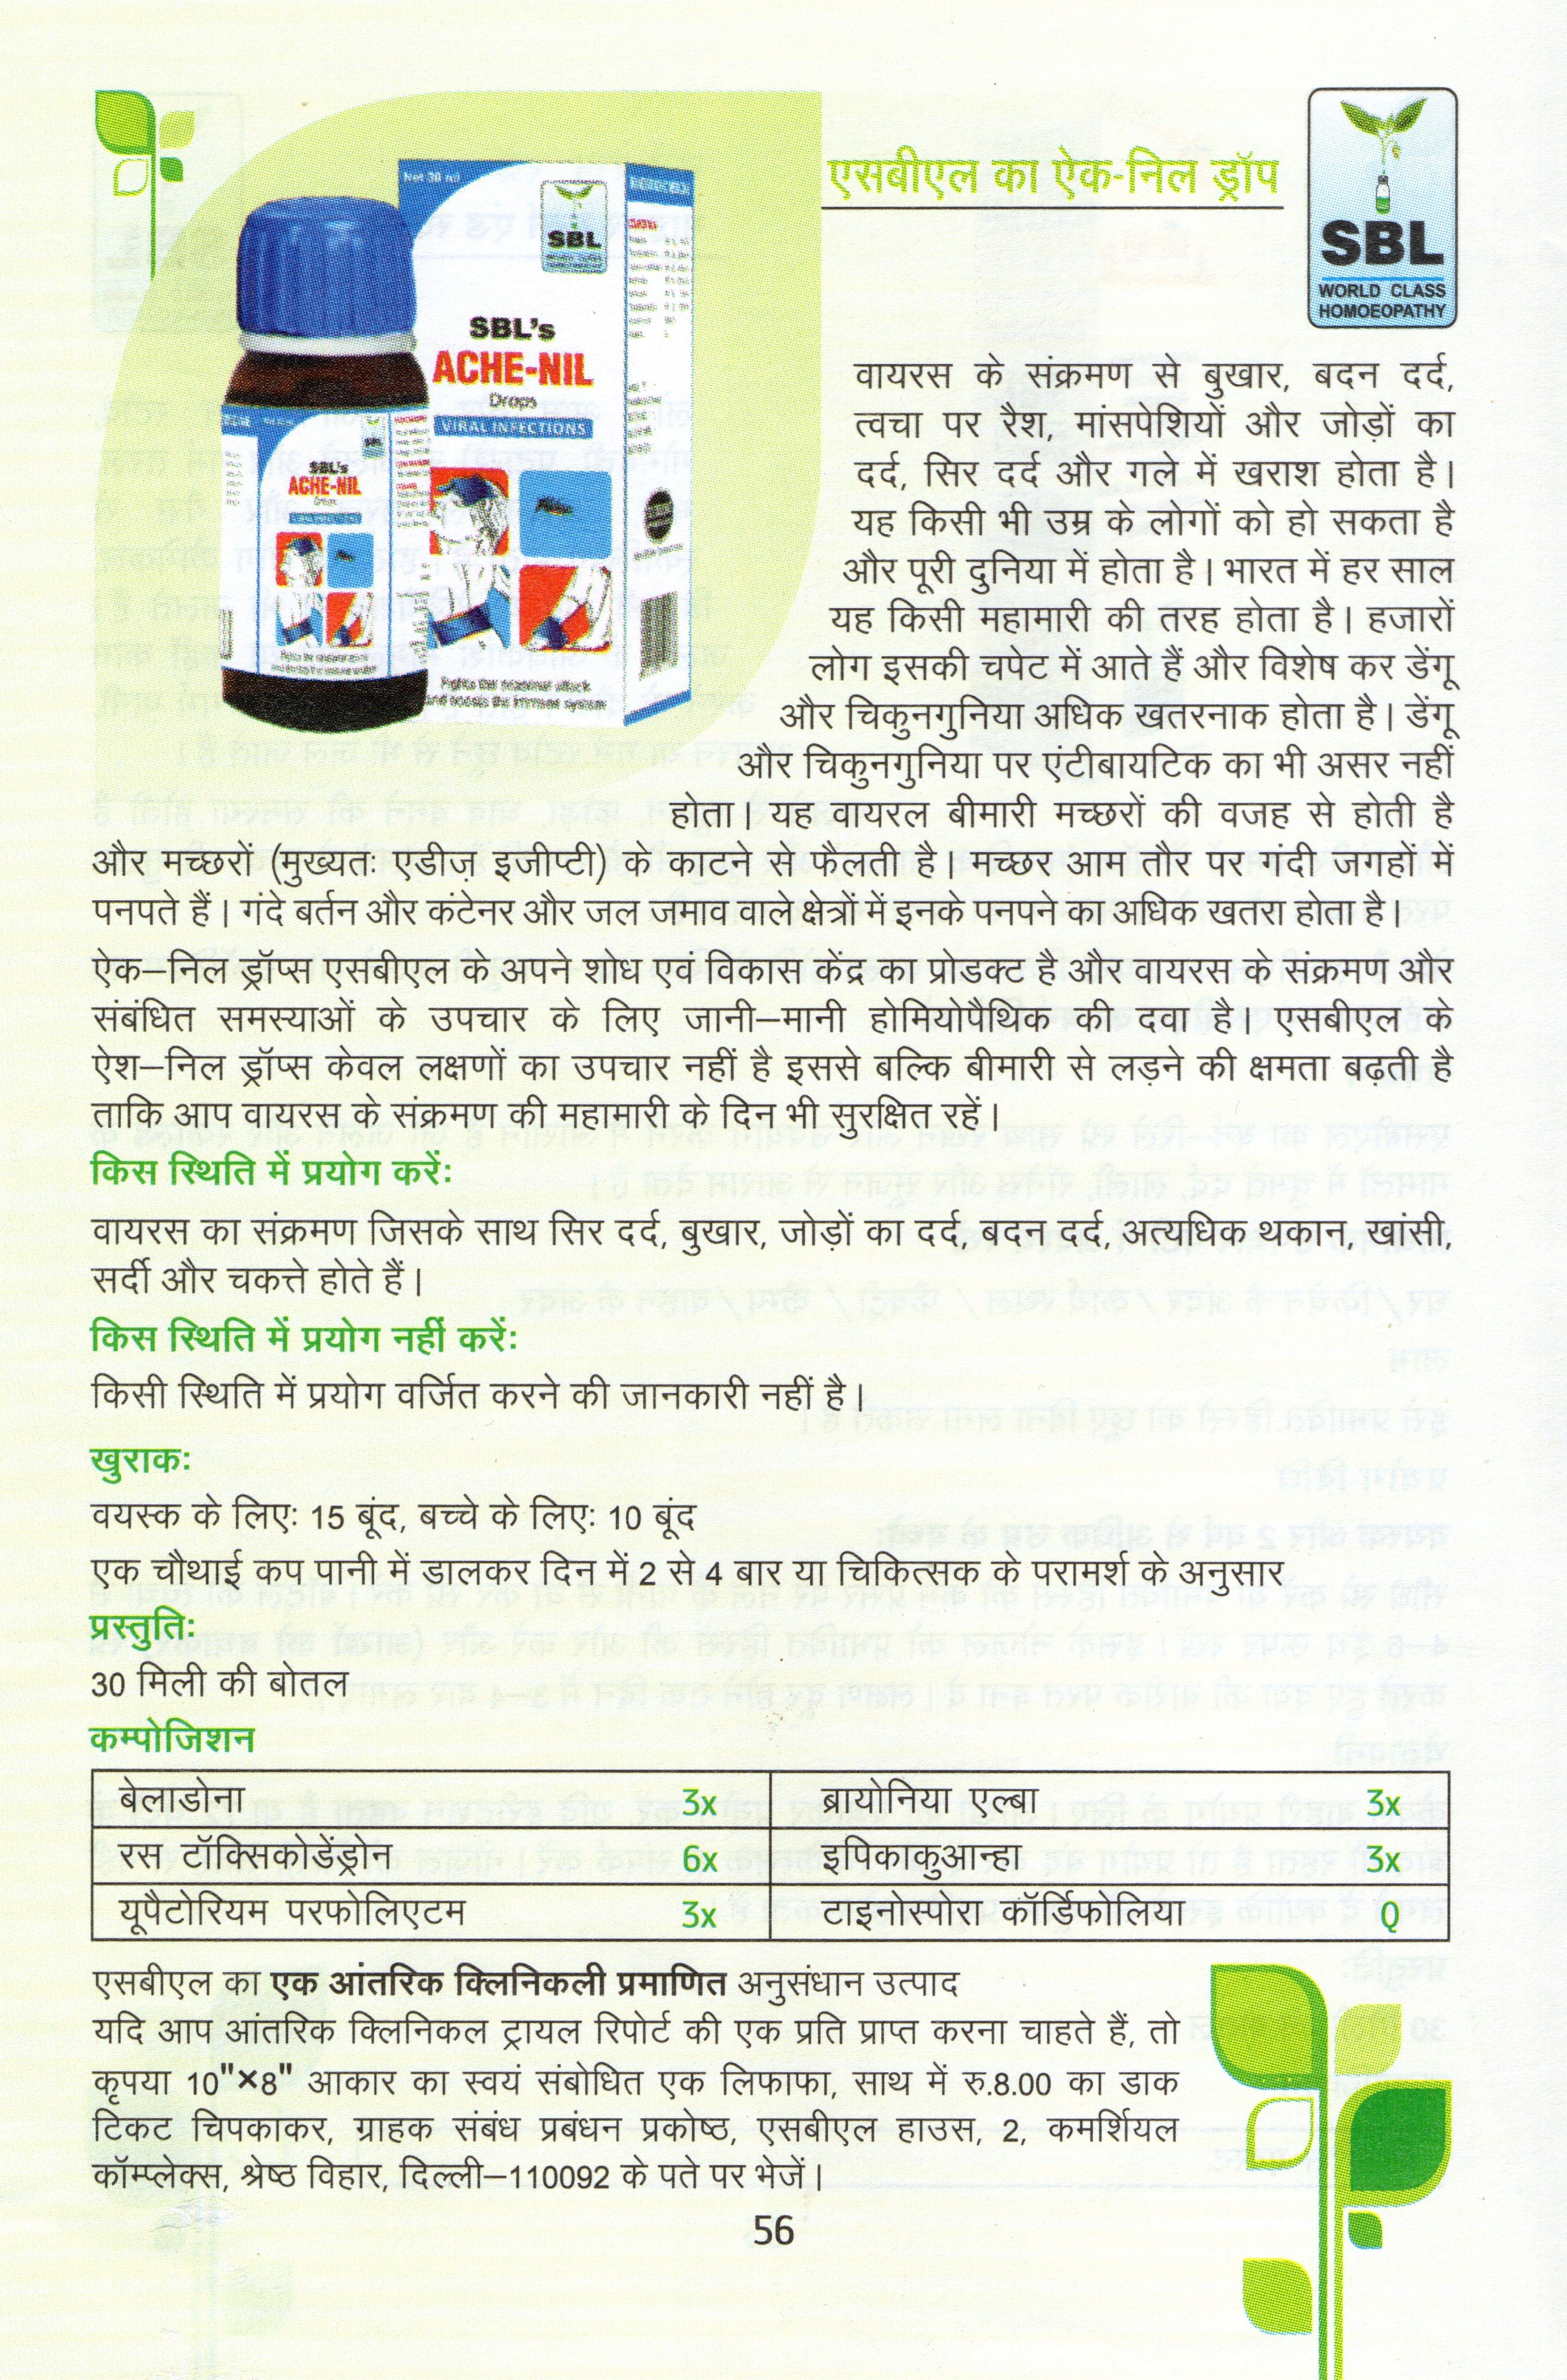 SBL Ache Nil Drops in Hindi संकेत: यह वायरस का